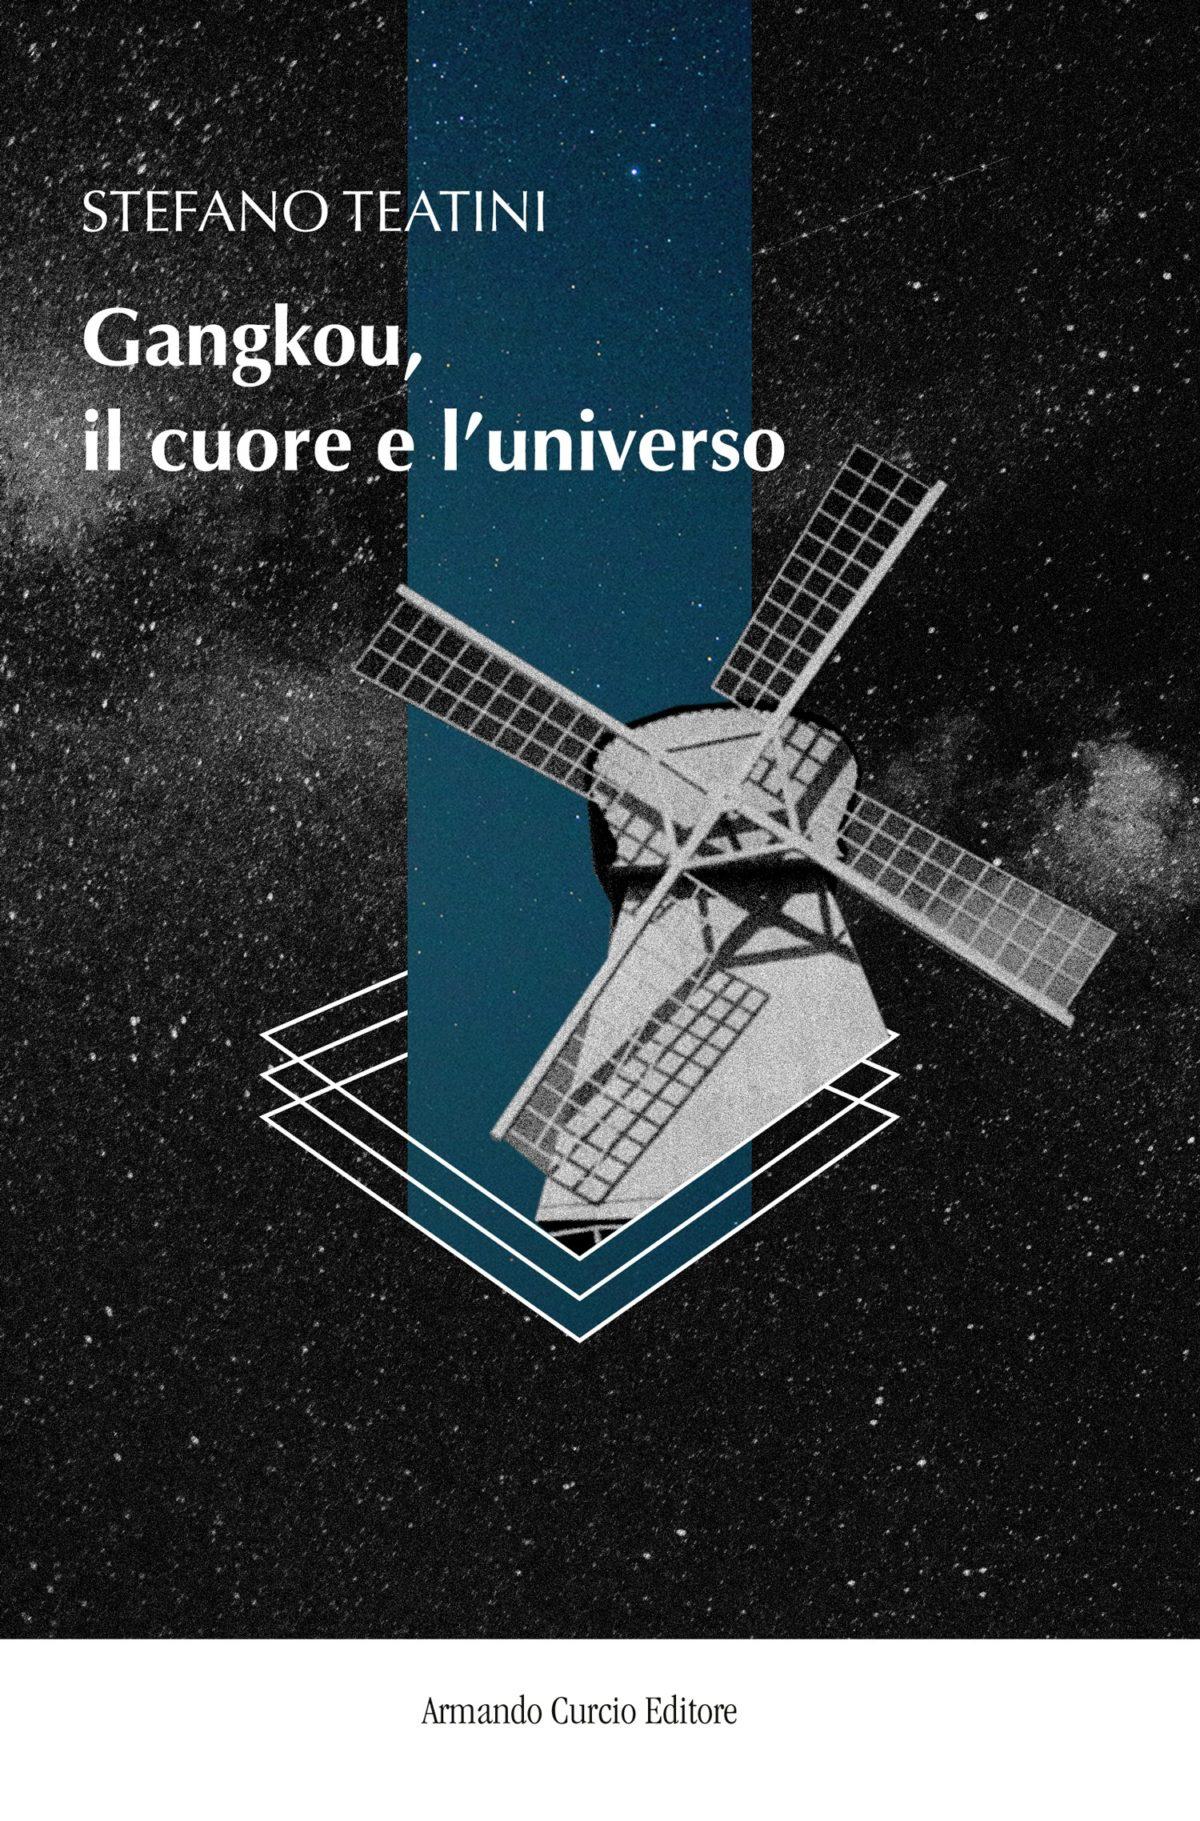 Gangkou, il cuore e l'universo